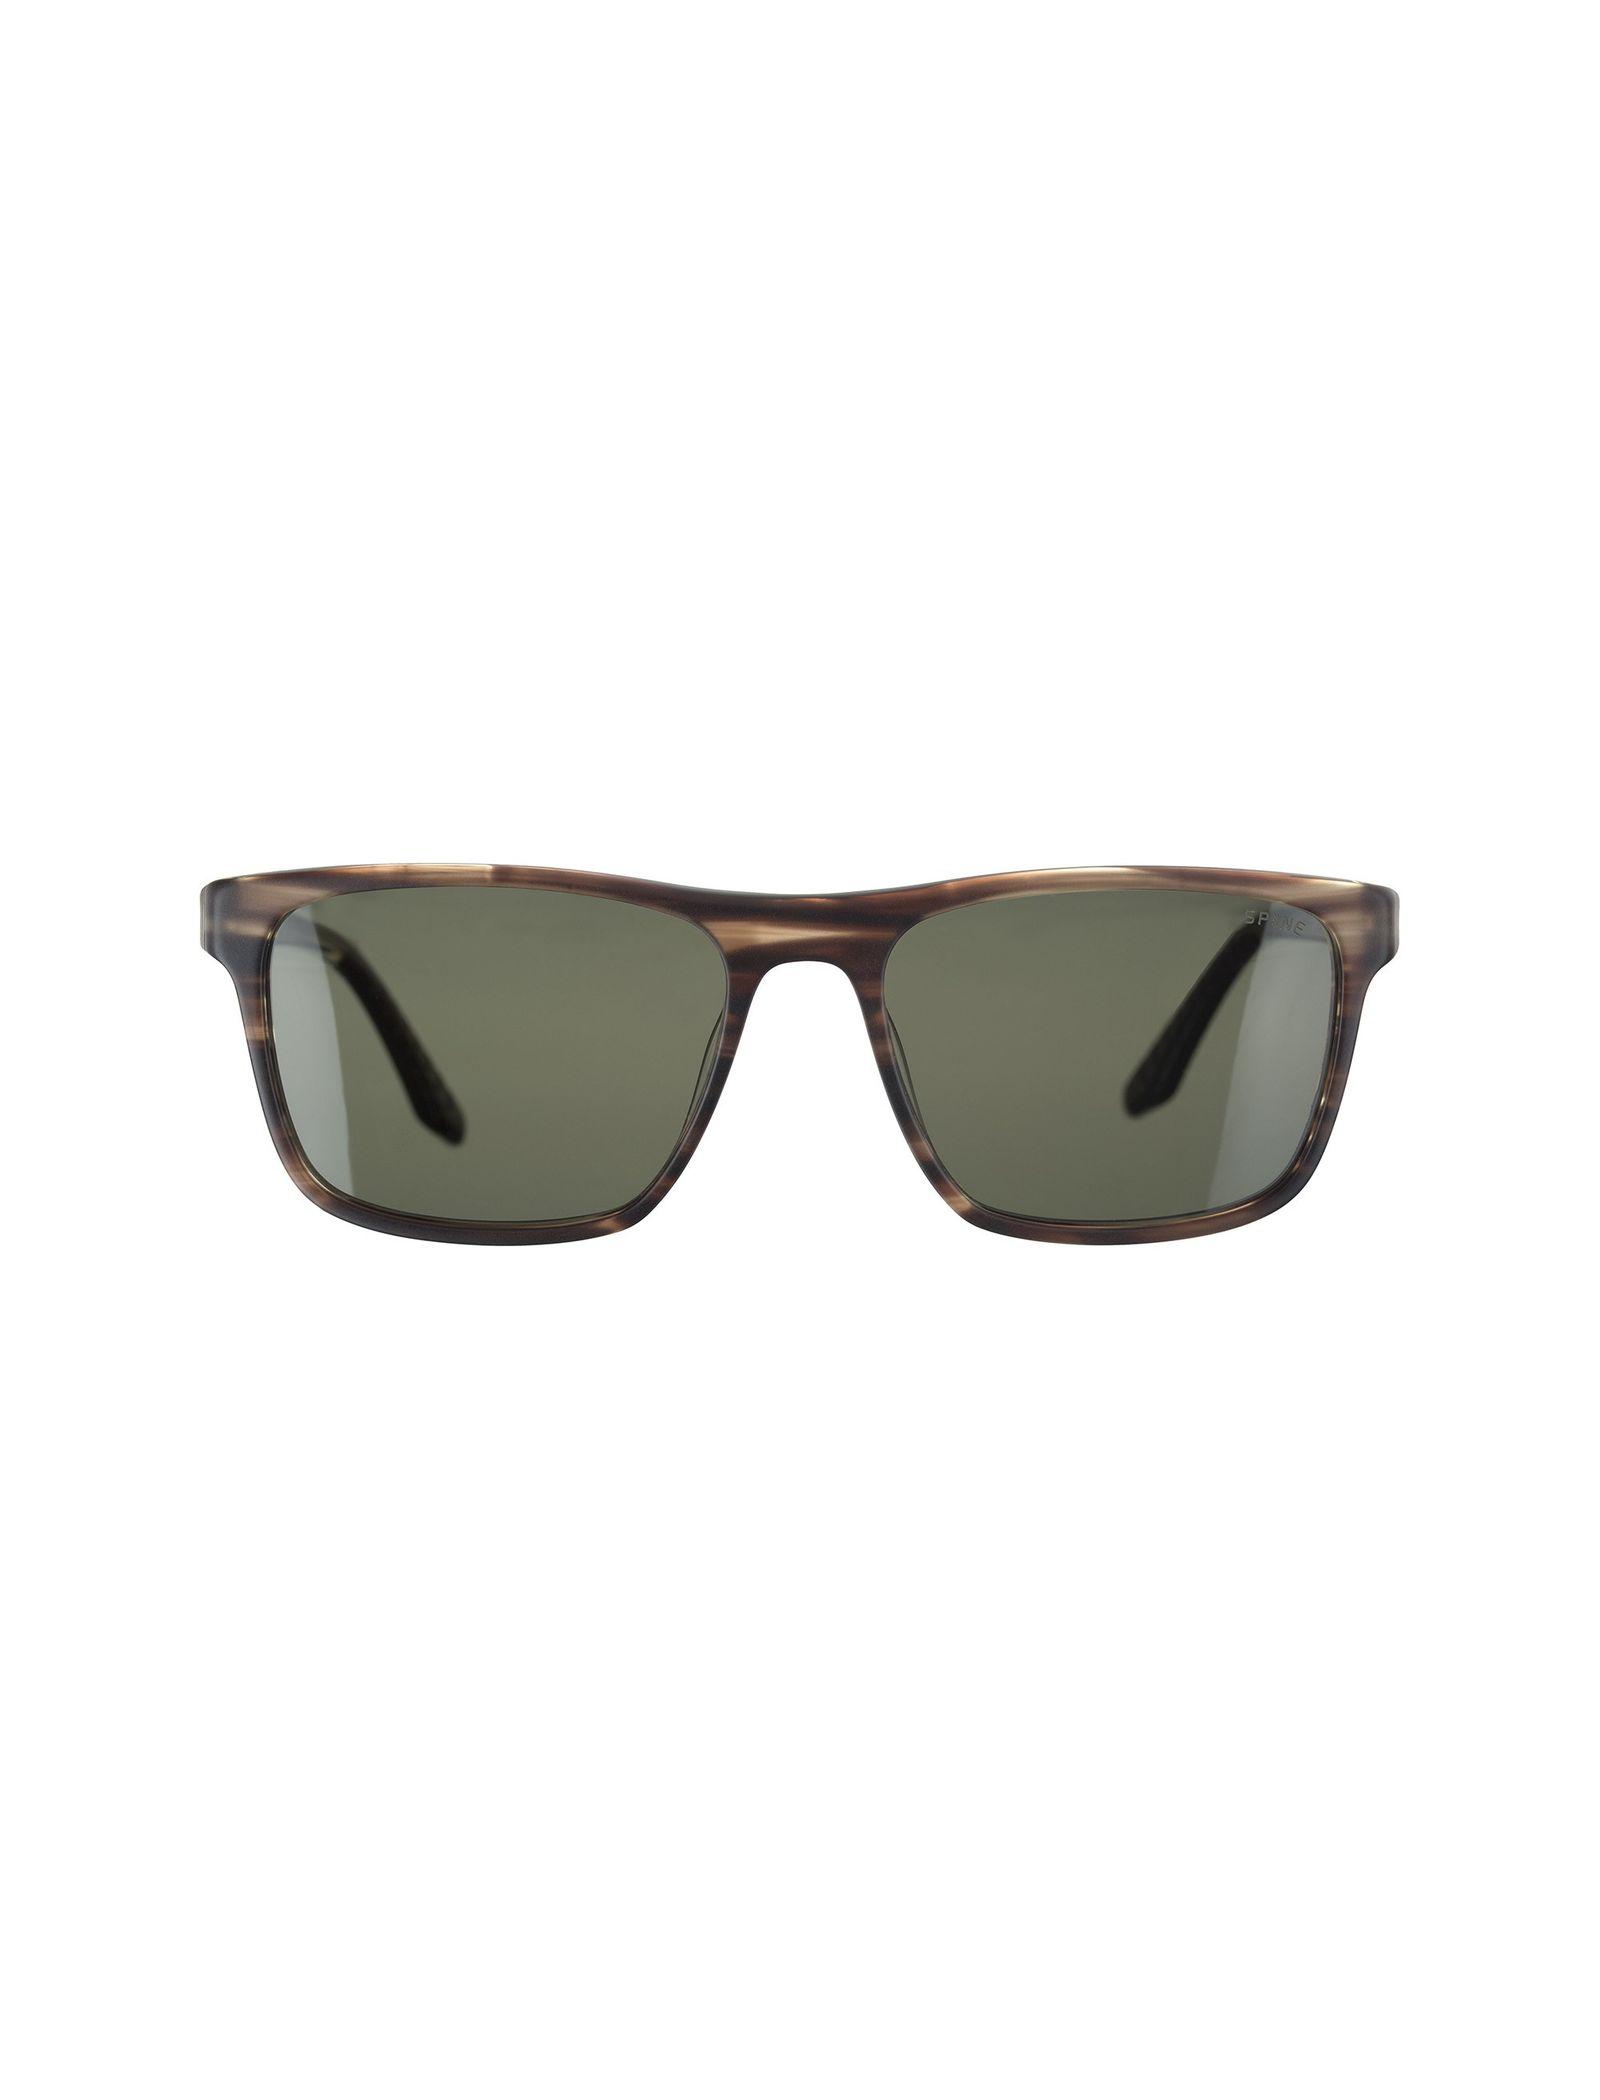 عینک آفتابی ویفرر مردانه - اسپاین - قهوه اي - 1